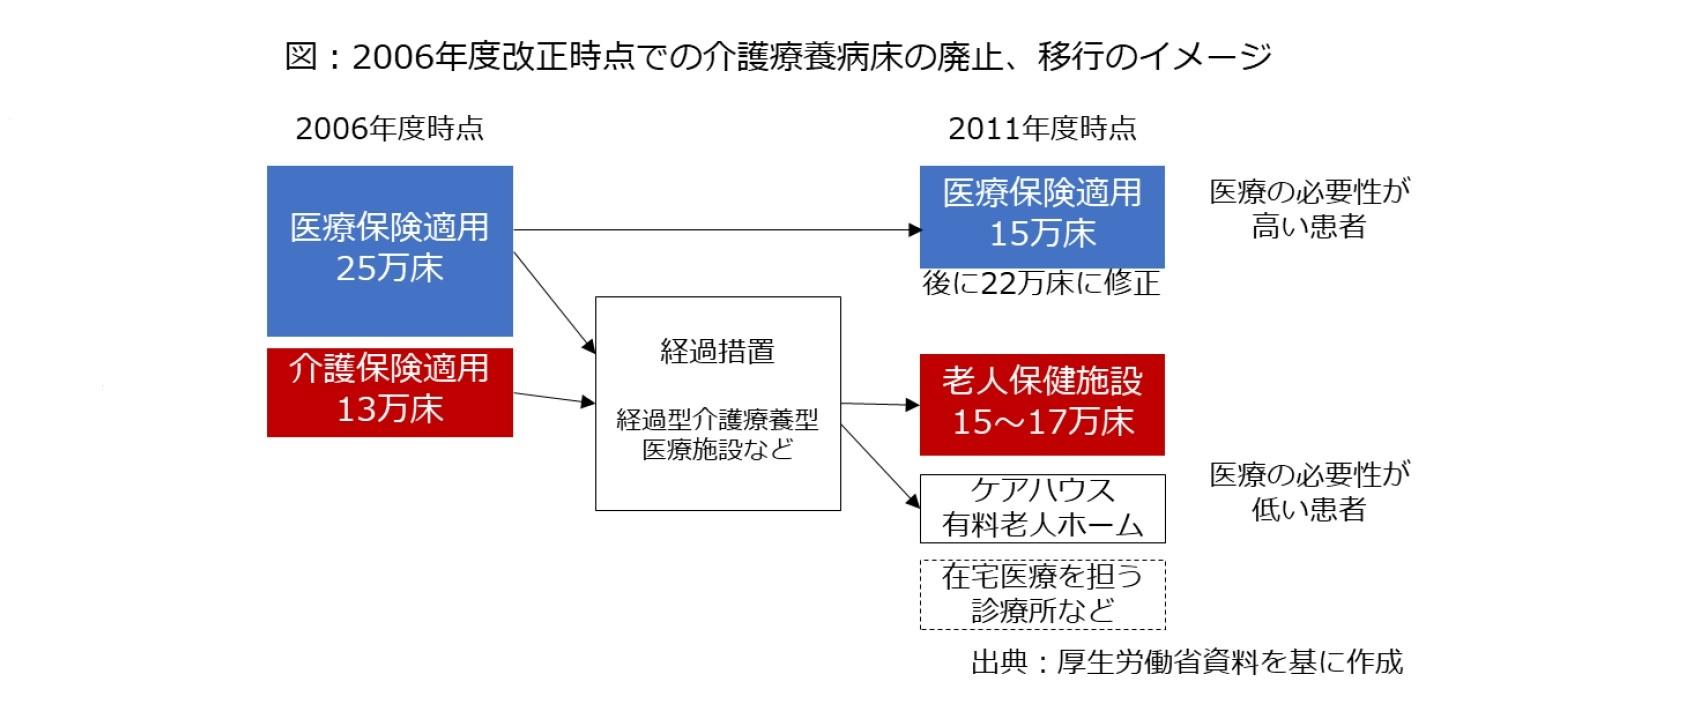 図:2006年度改正時点での介護療養病床の廃止、移行のイメージ